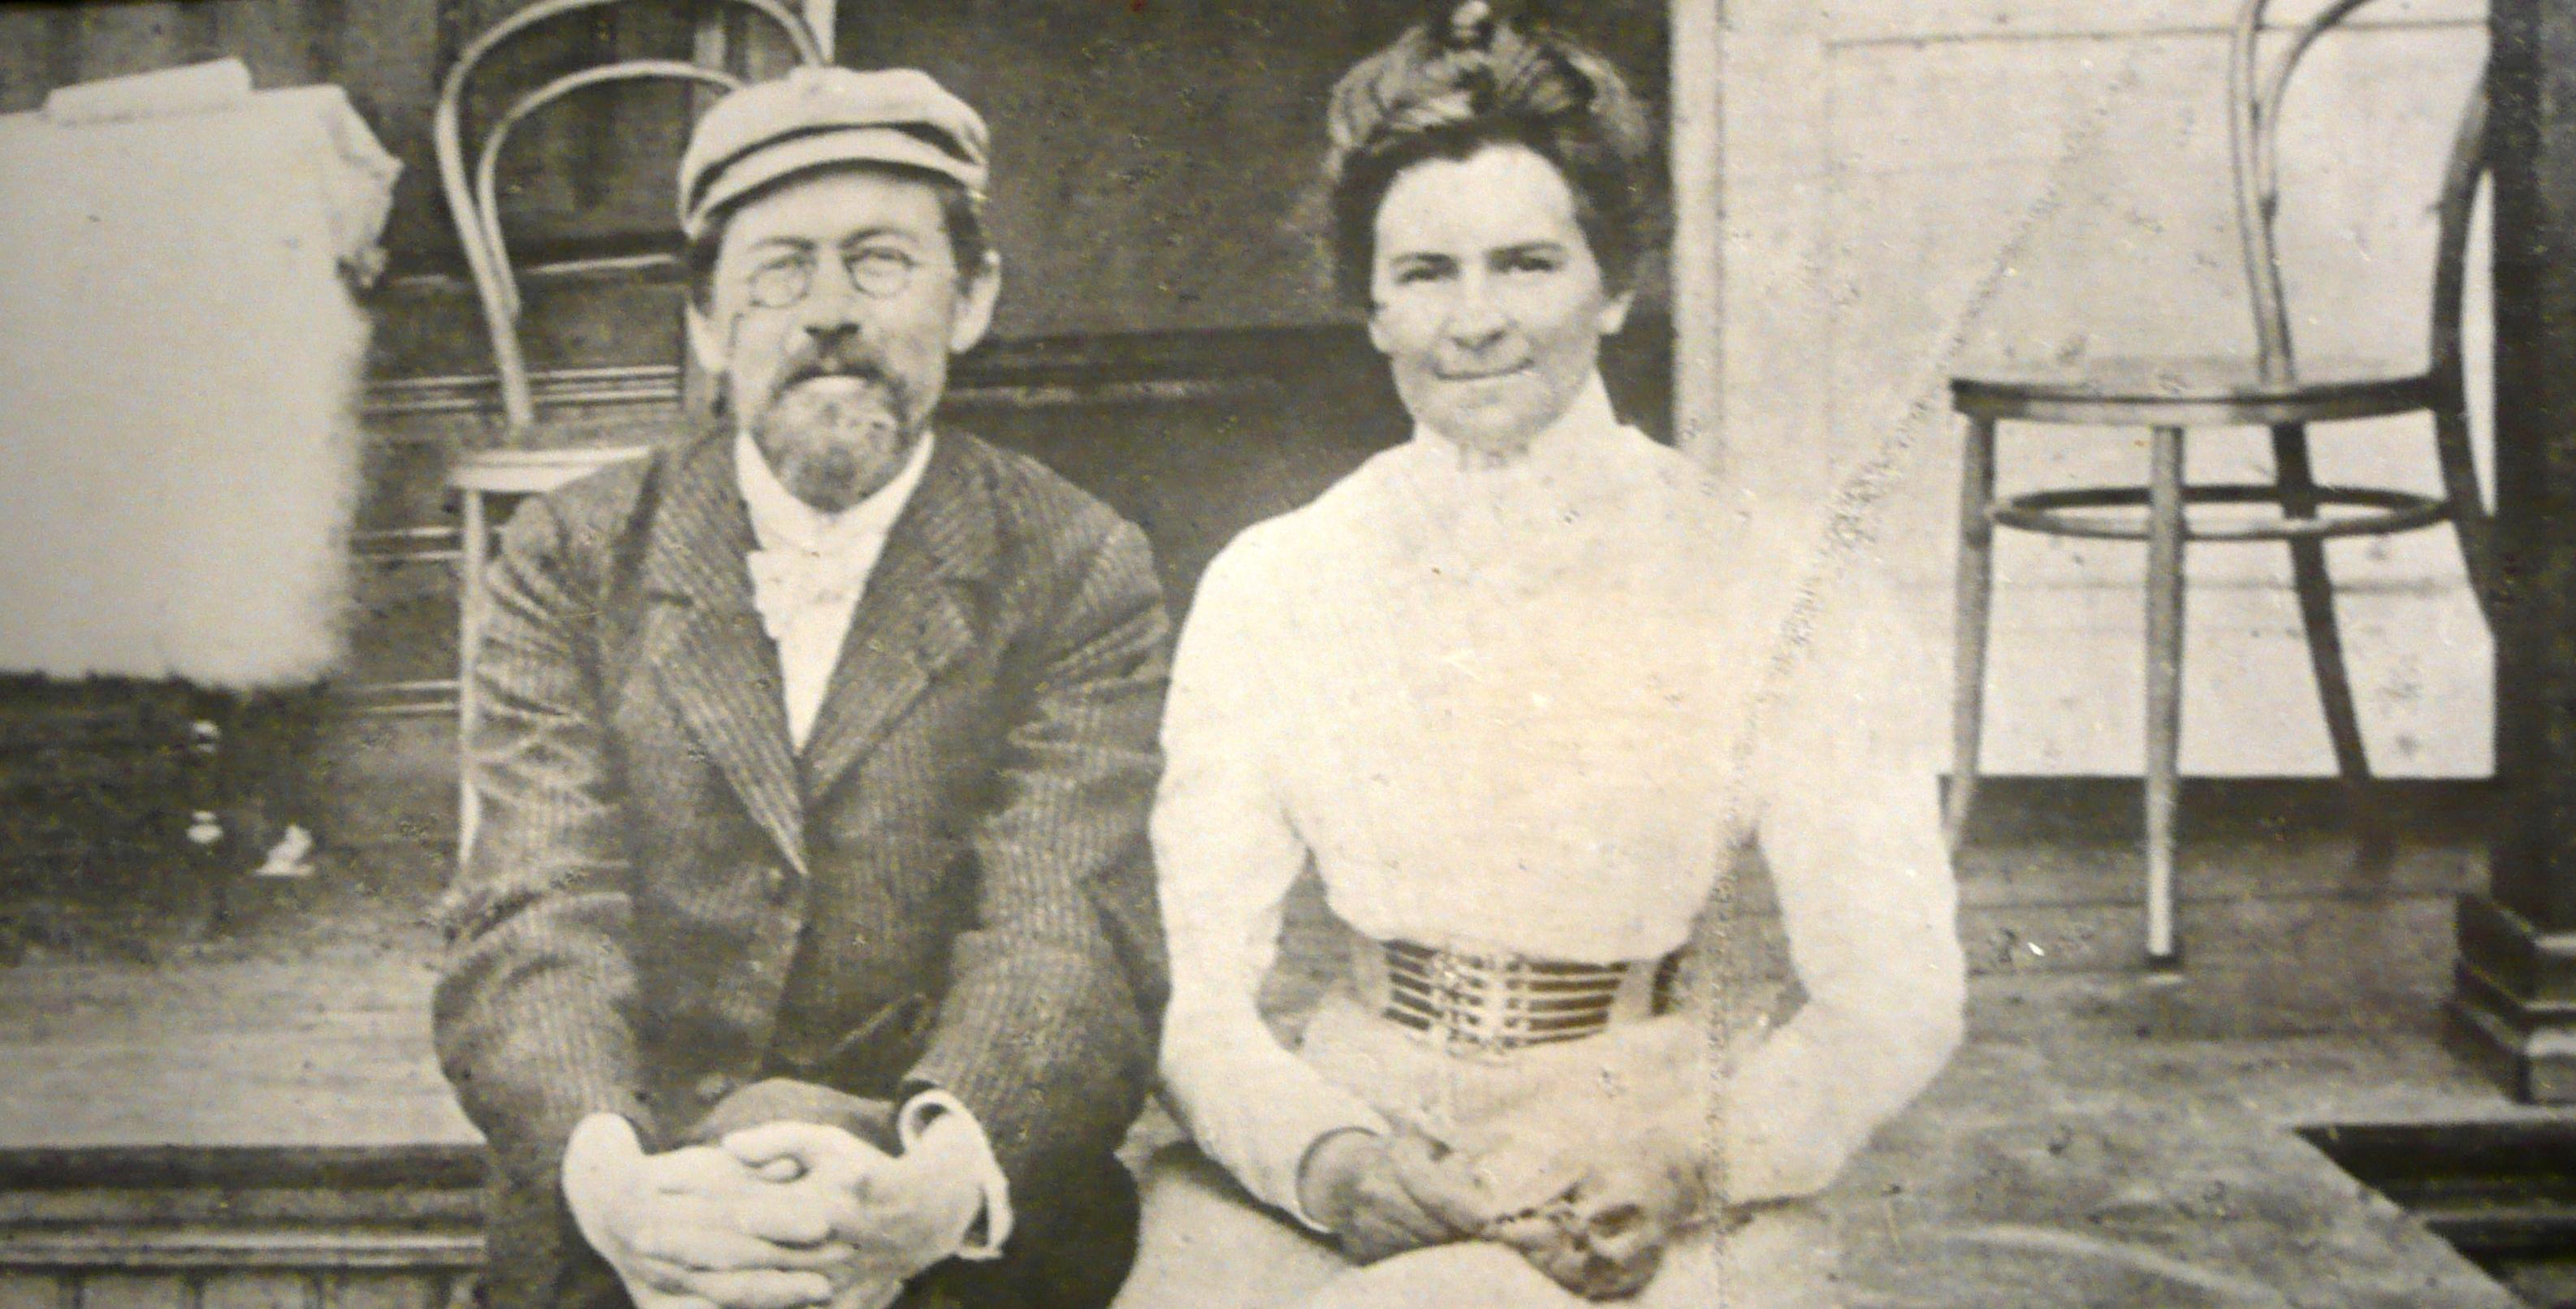 Anton_Chekhov_and_Olga_Knipper_1901_1